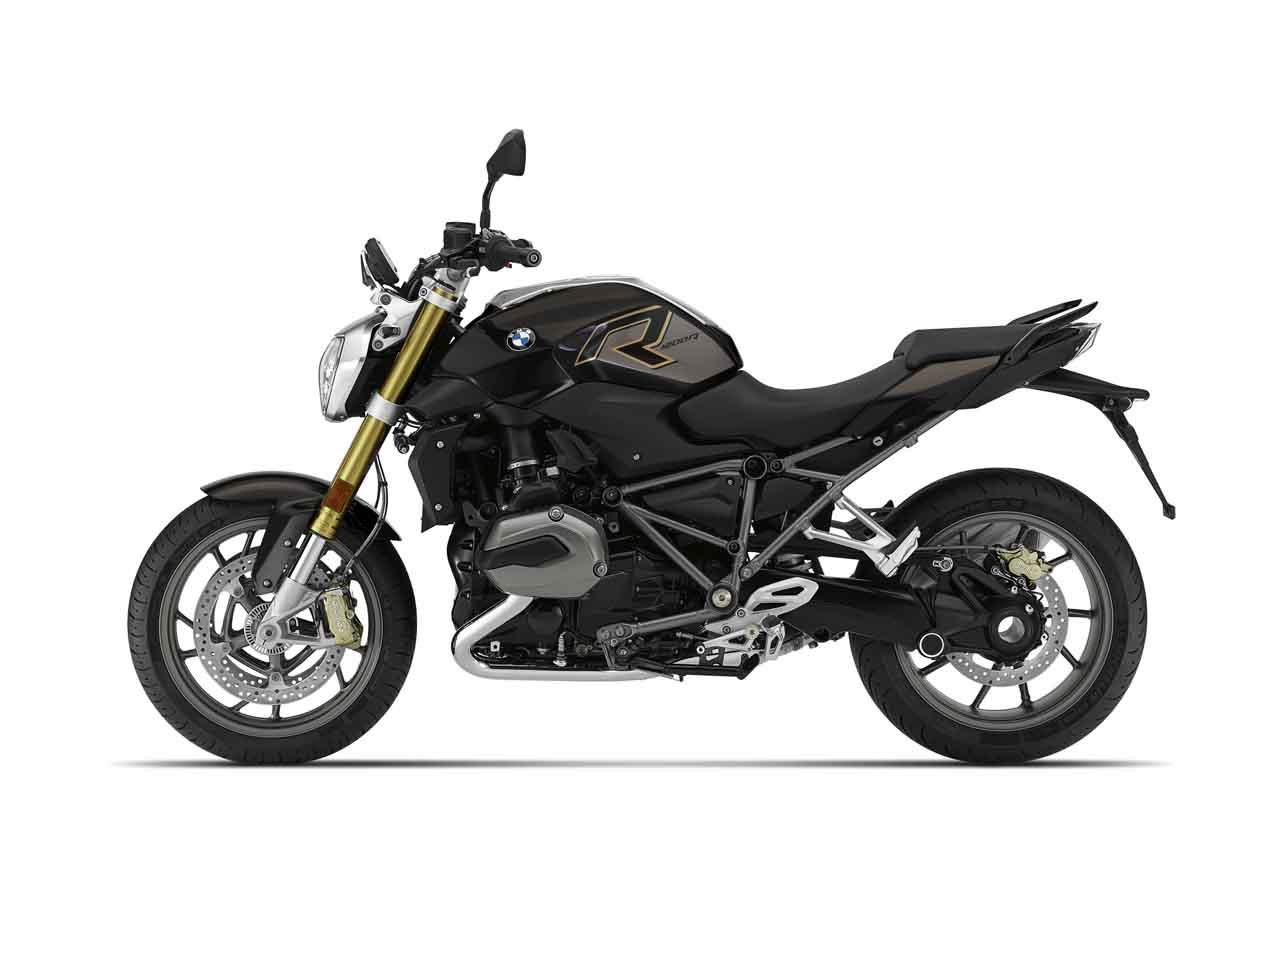 moto 50cc pas cher occasion moto 50cc pas cher pictures moto cross pas cher moto derbi 50cc. Black Bedroom Furniture Sets. Home Design Ideas